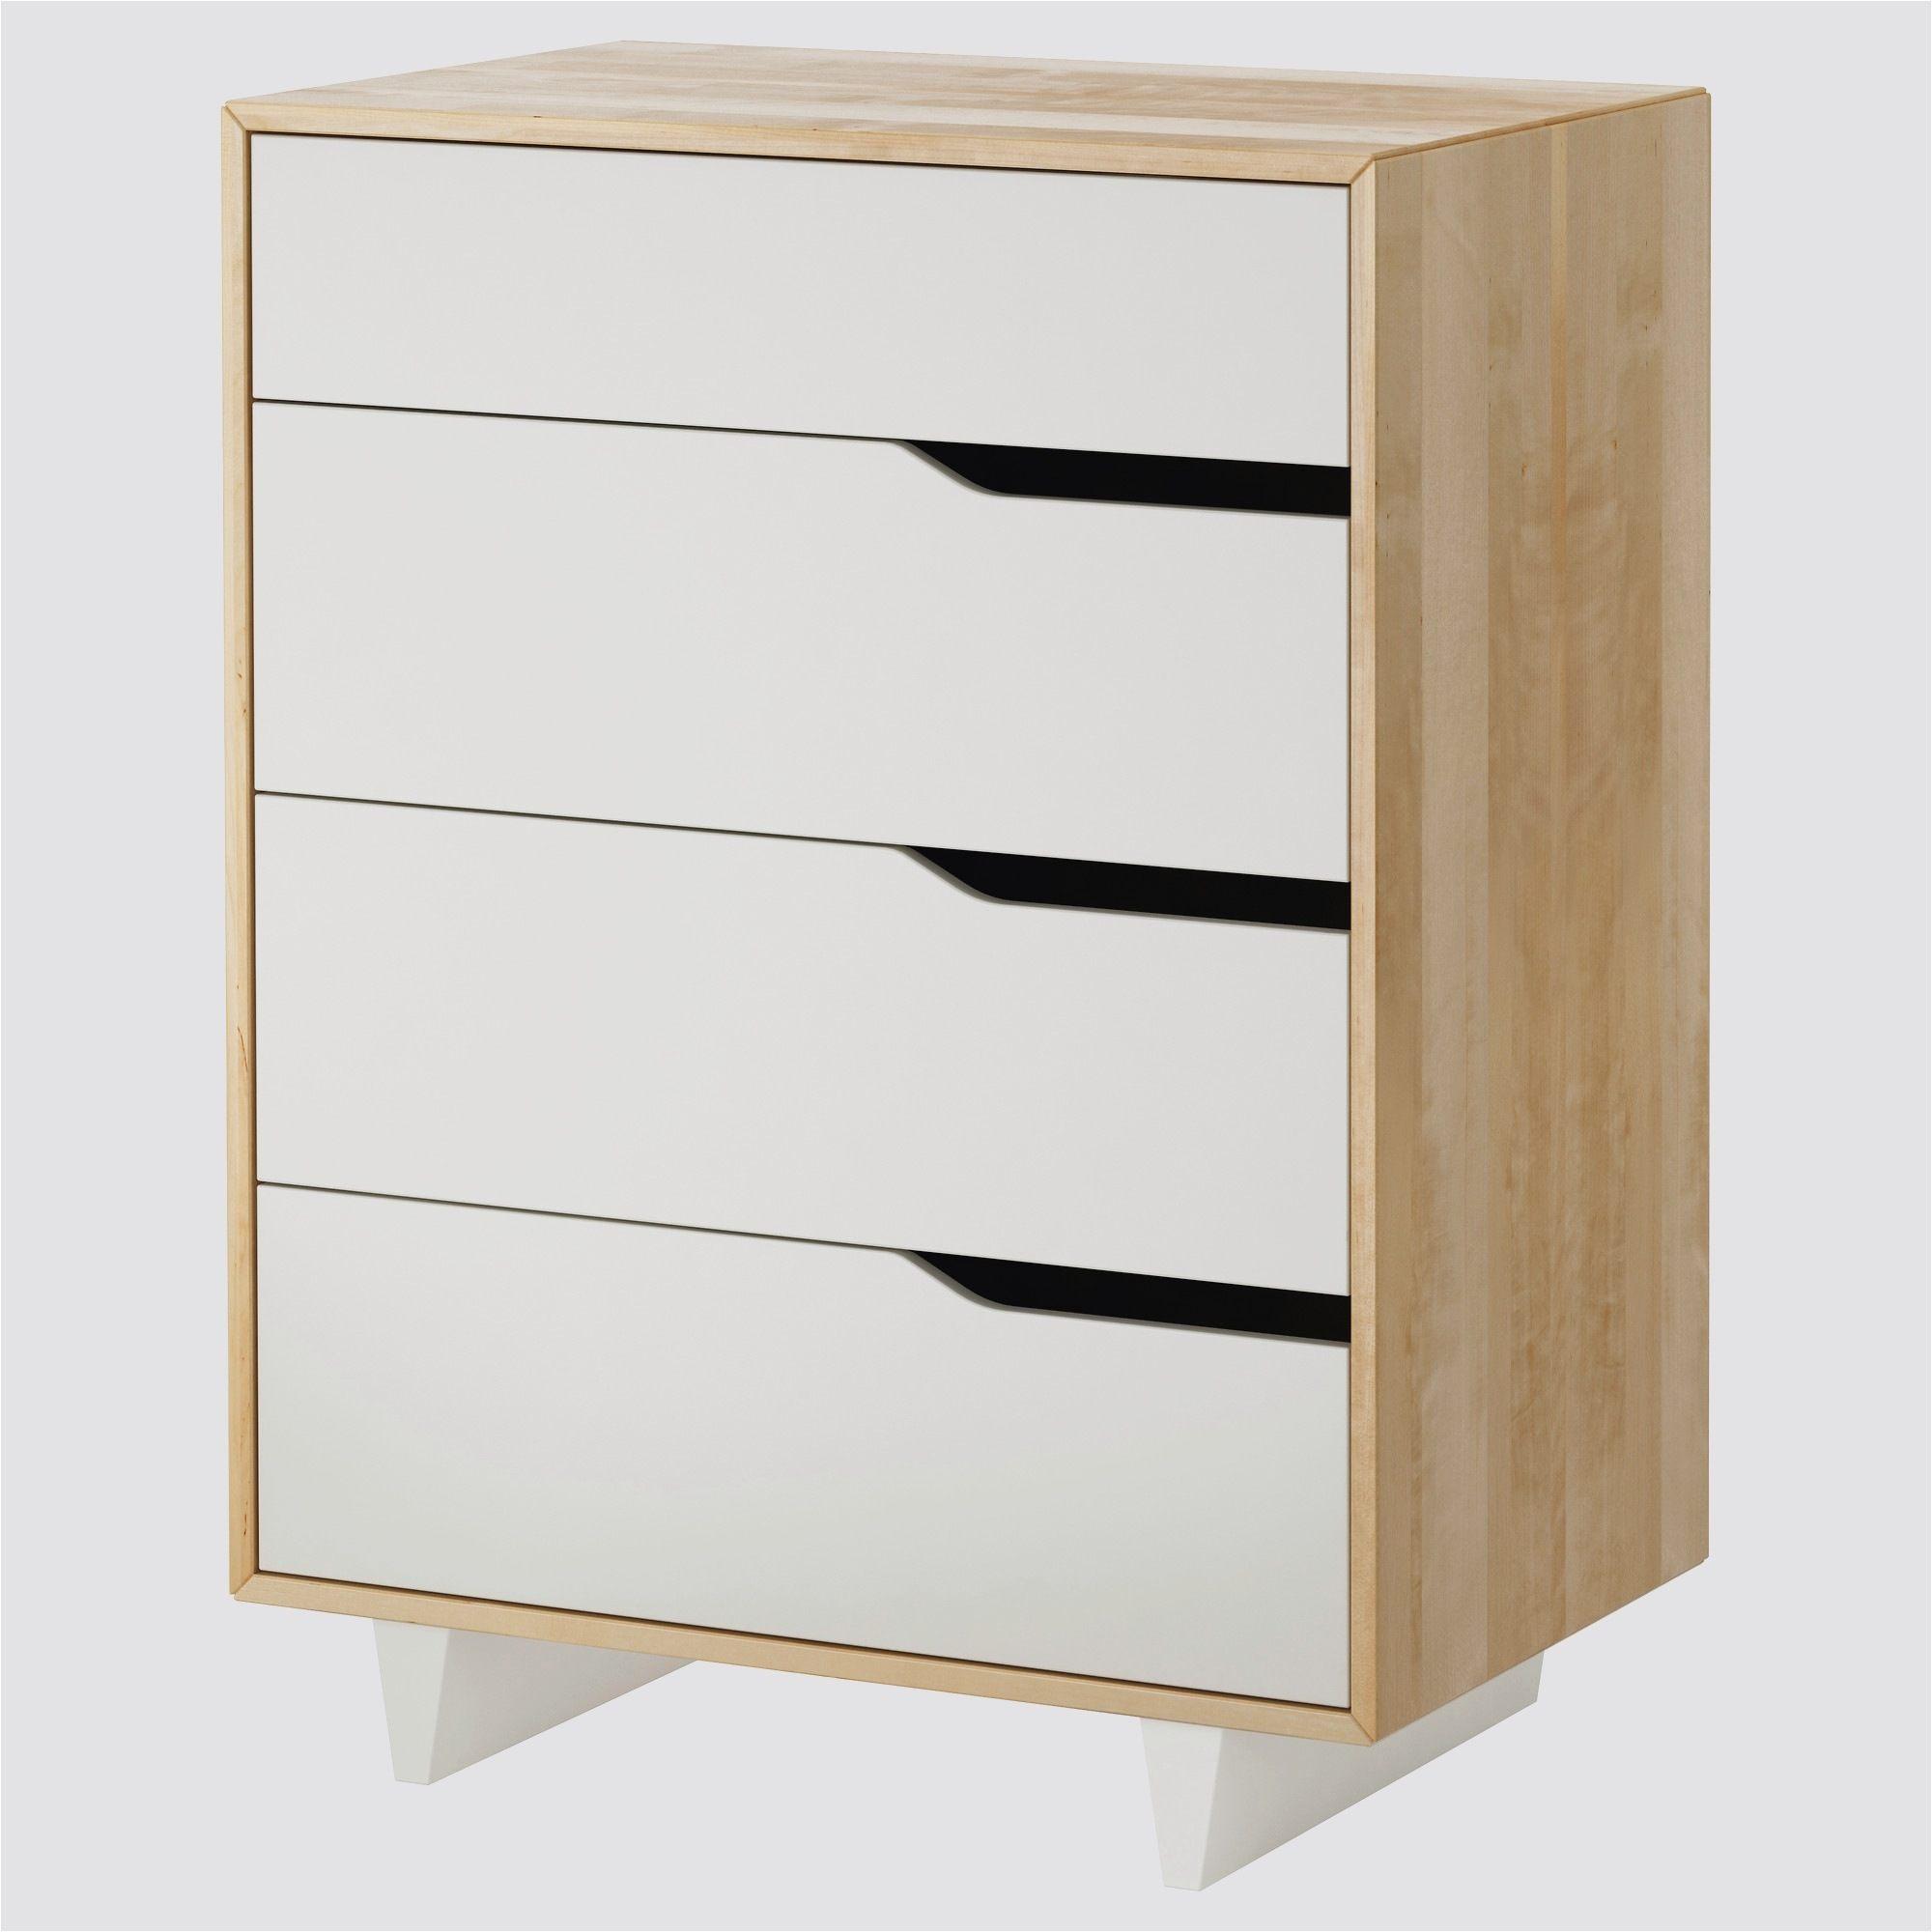 Lit Malm Ikea 90 Frais Malm Ikea Lit Excellent Ikea With Malm Ikea Lit Affordable With